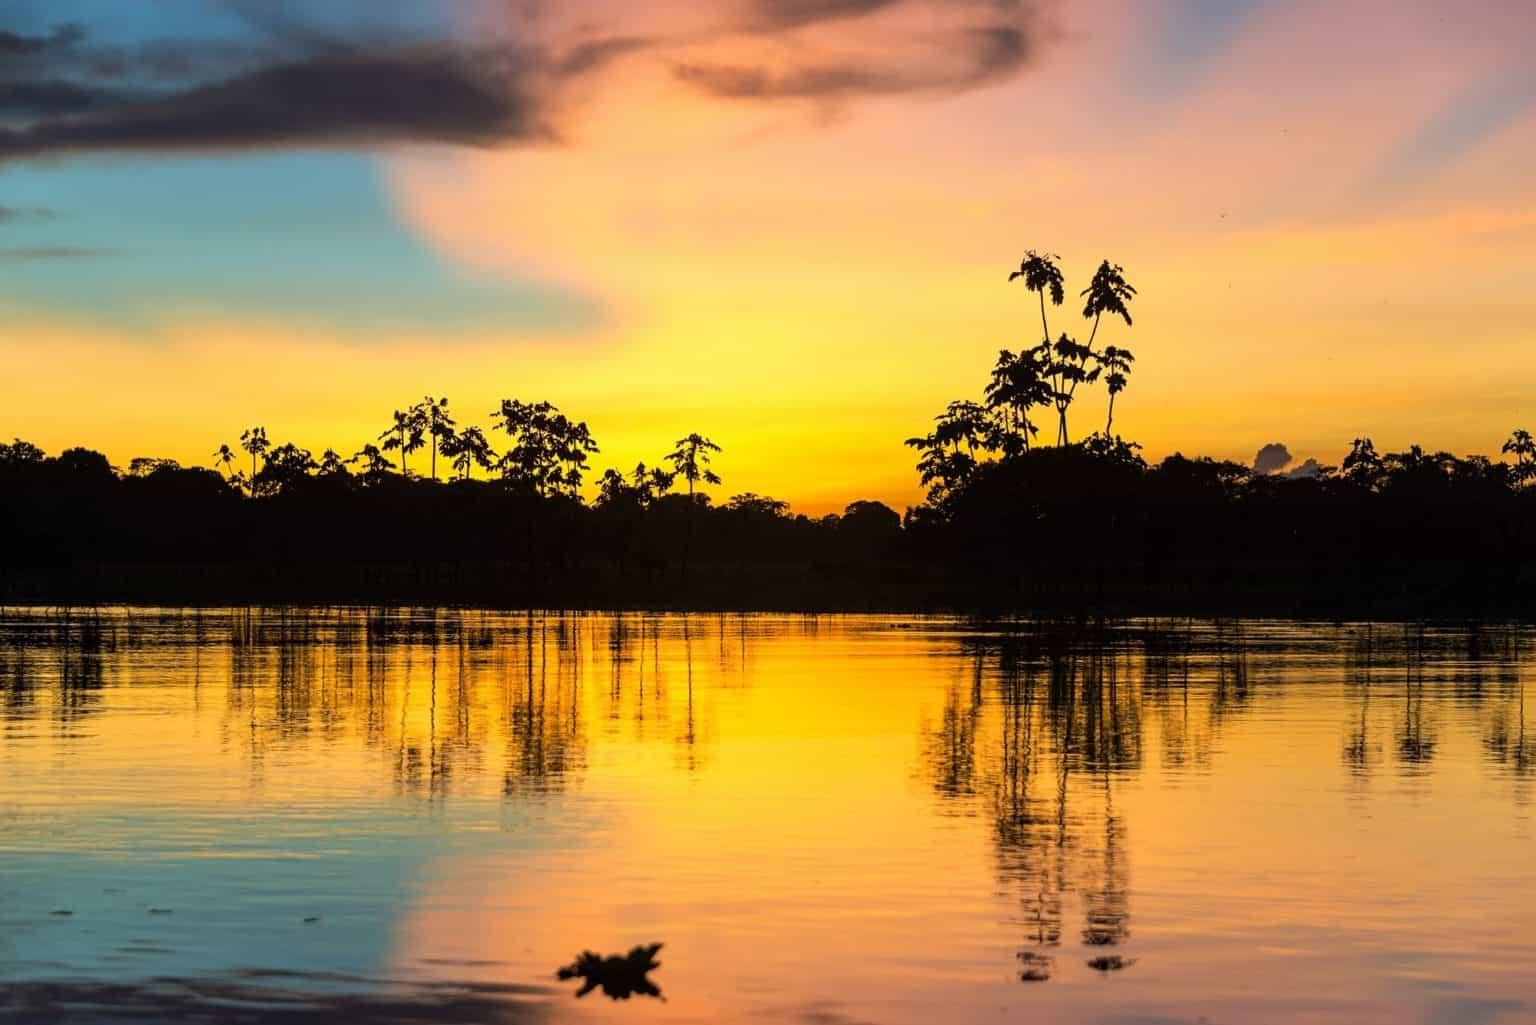 Глава Amazon пожертвует 10 млрд. долларов на улучшение экологической обстановки в мире 1